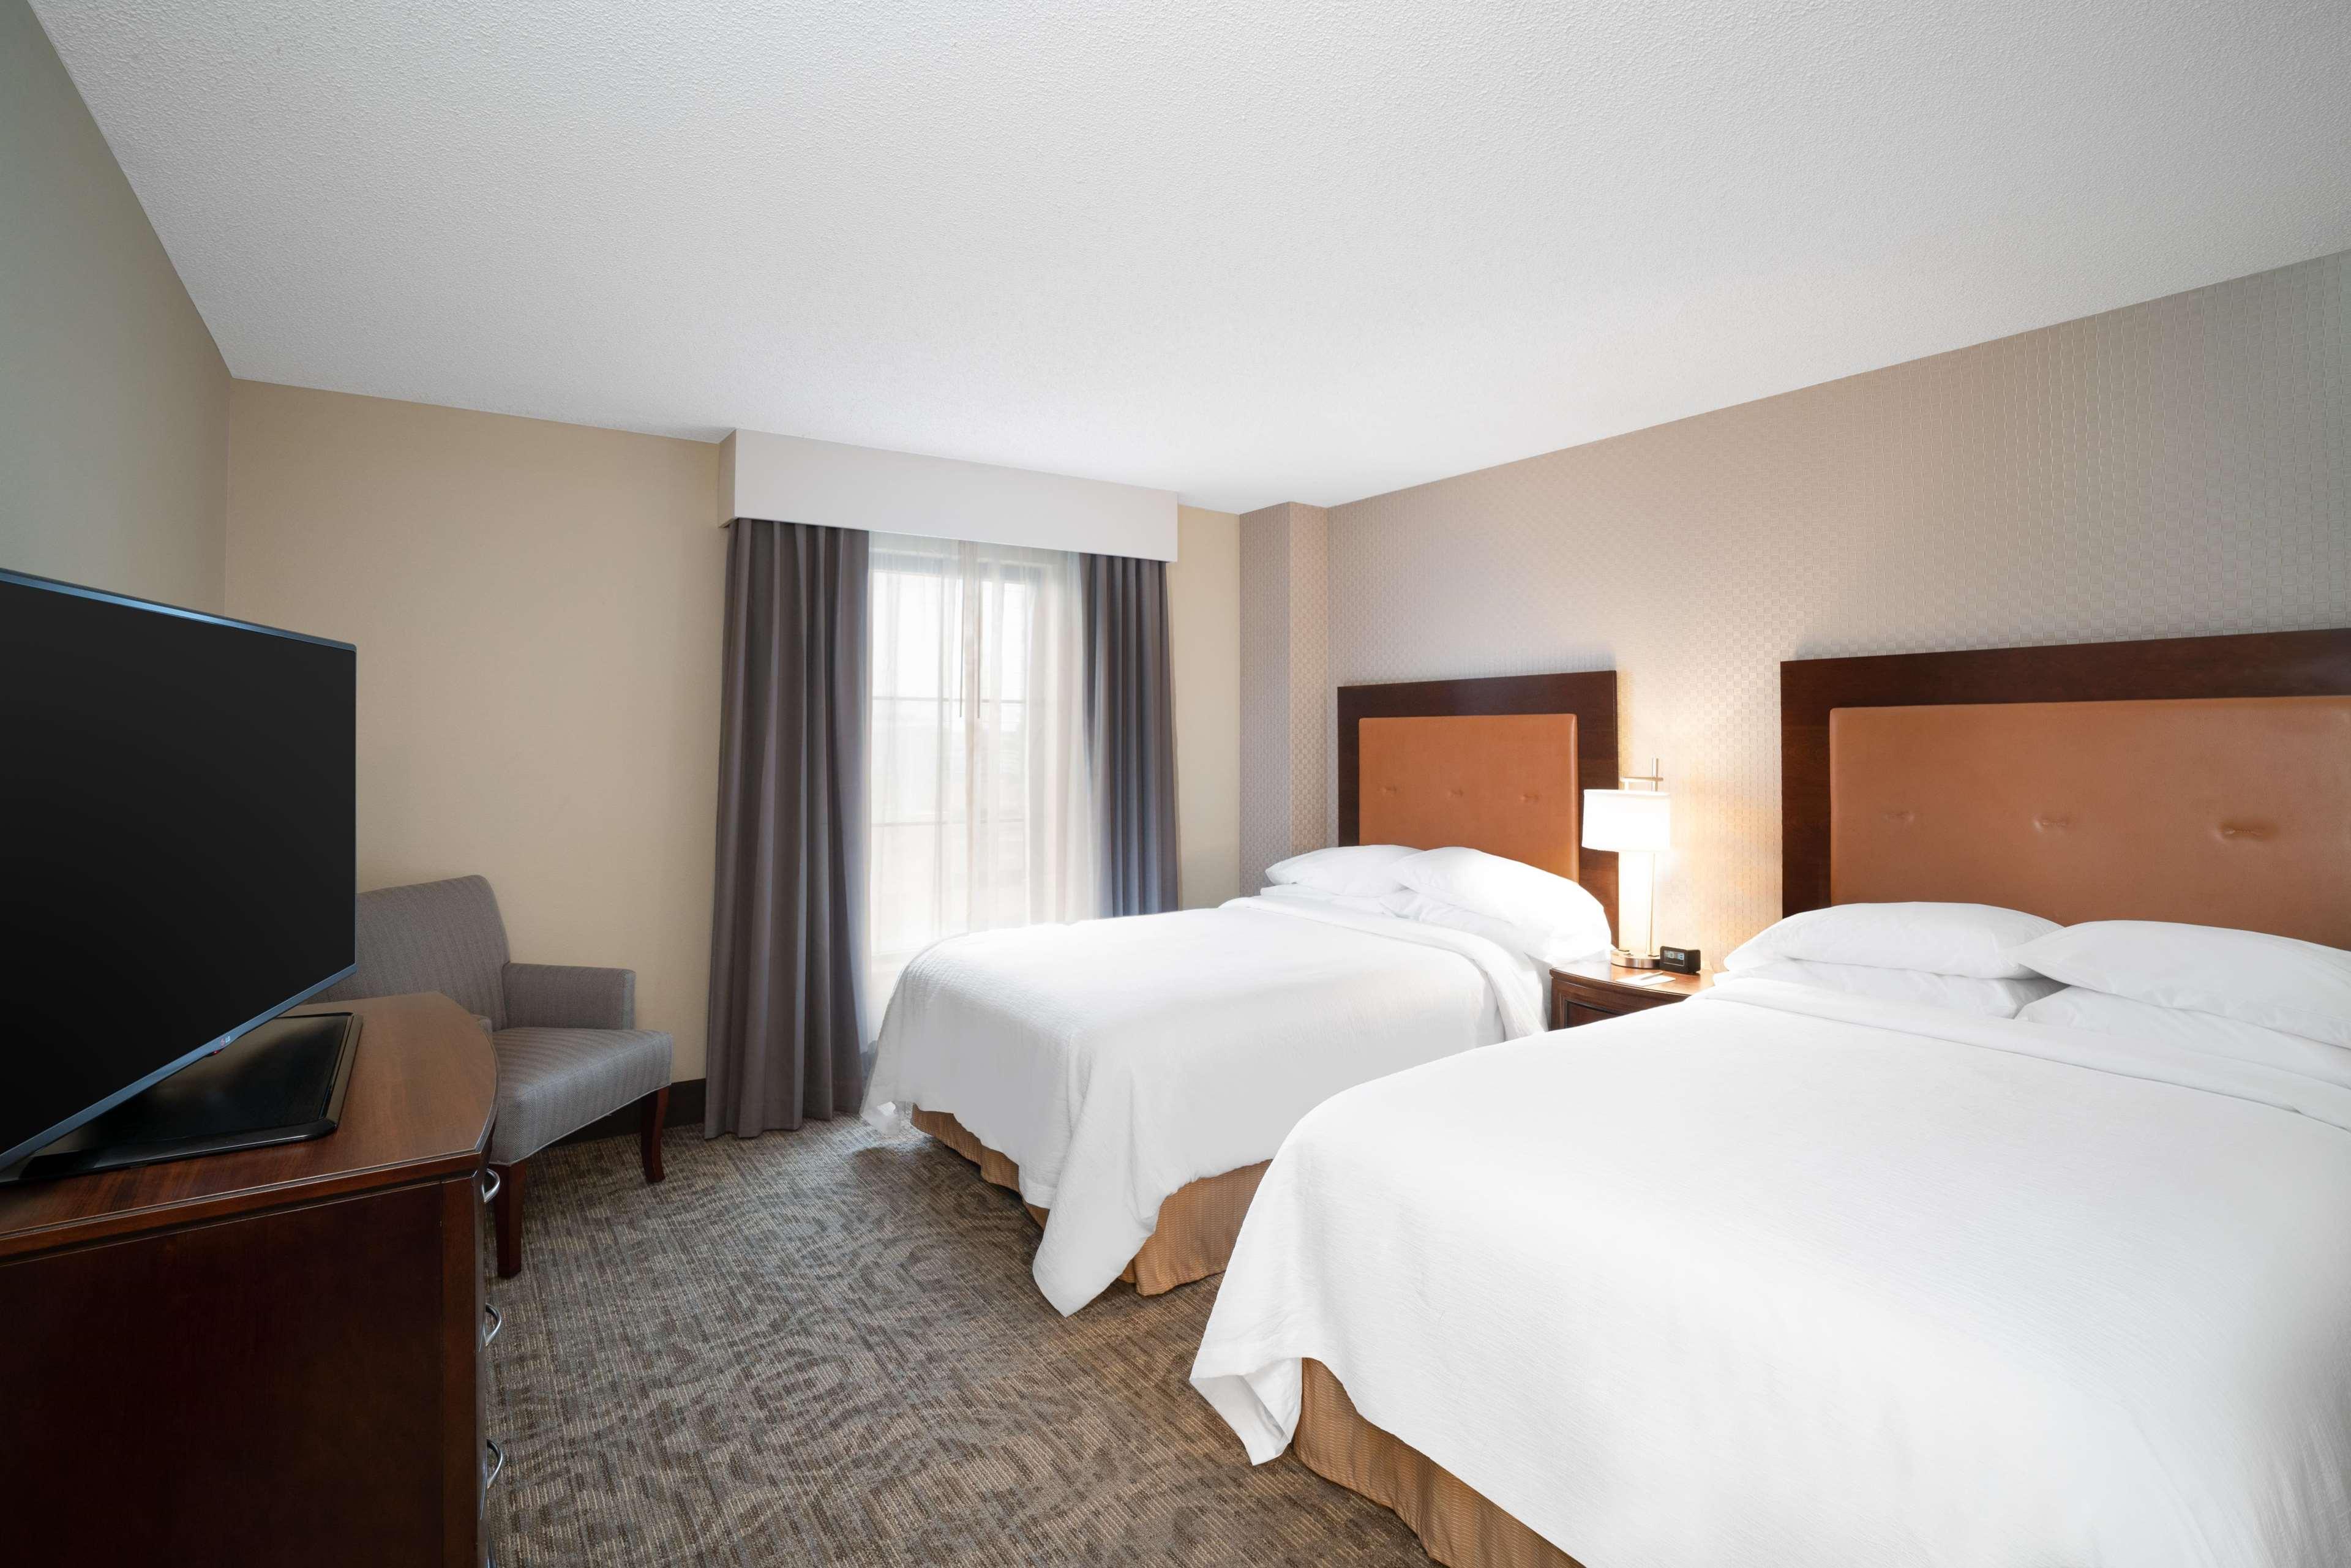 Embassy Suites by Hilton Nashville at Vanderbilt image 49